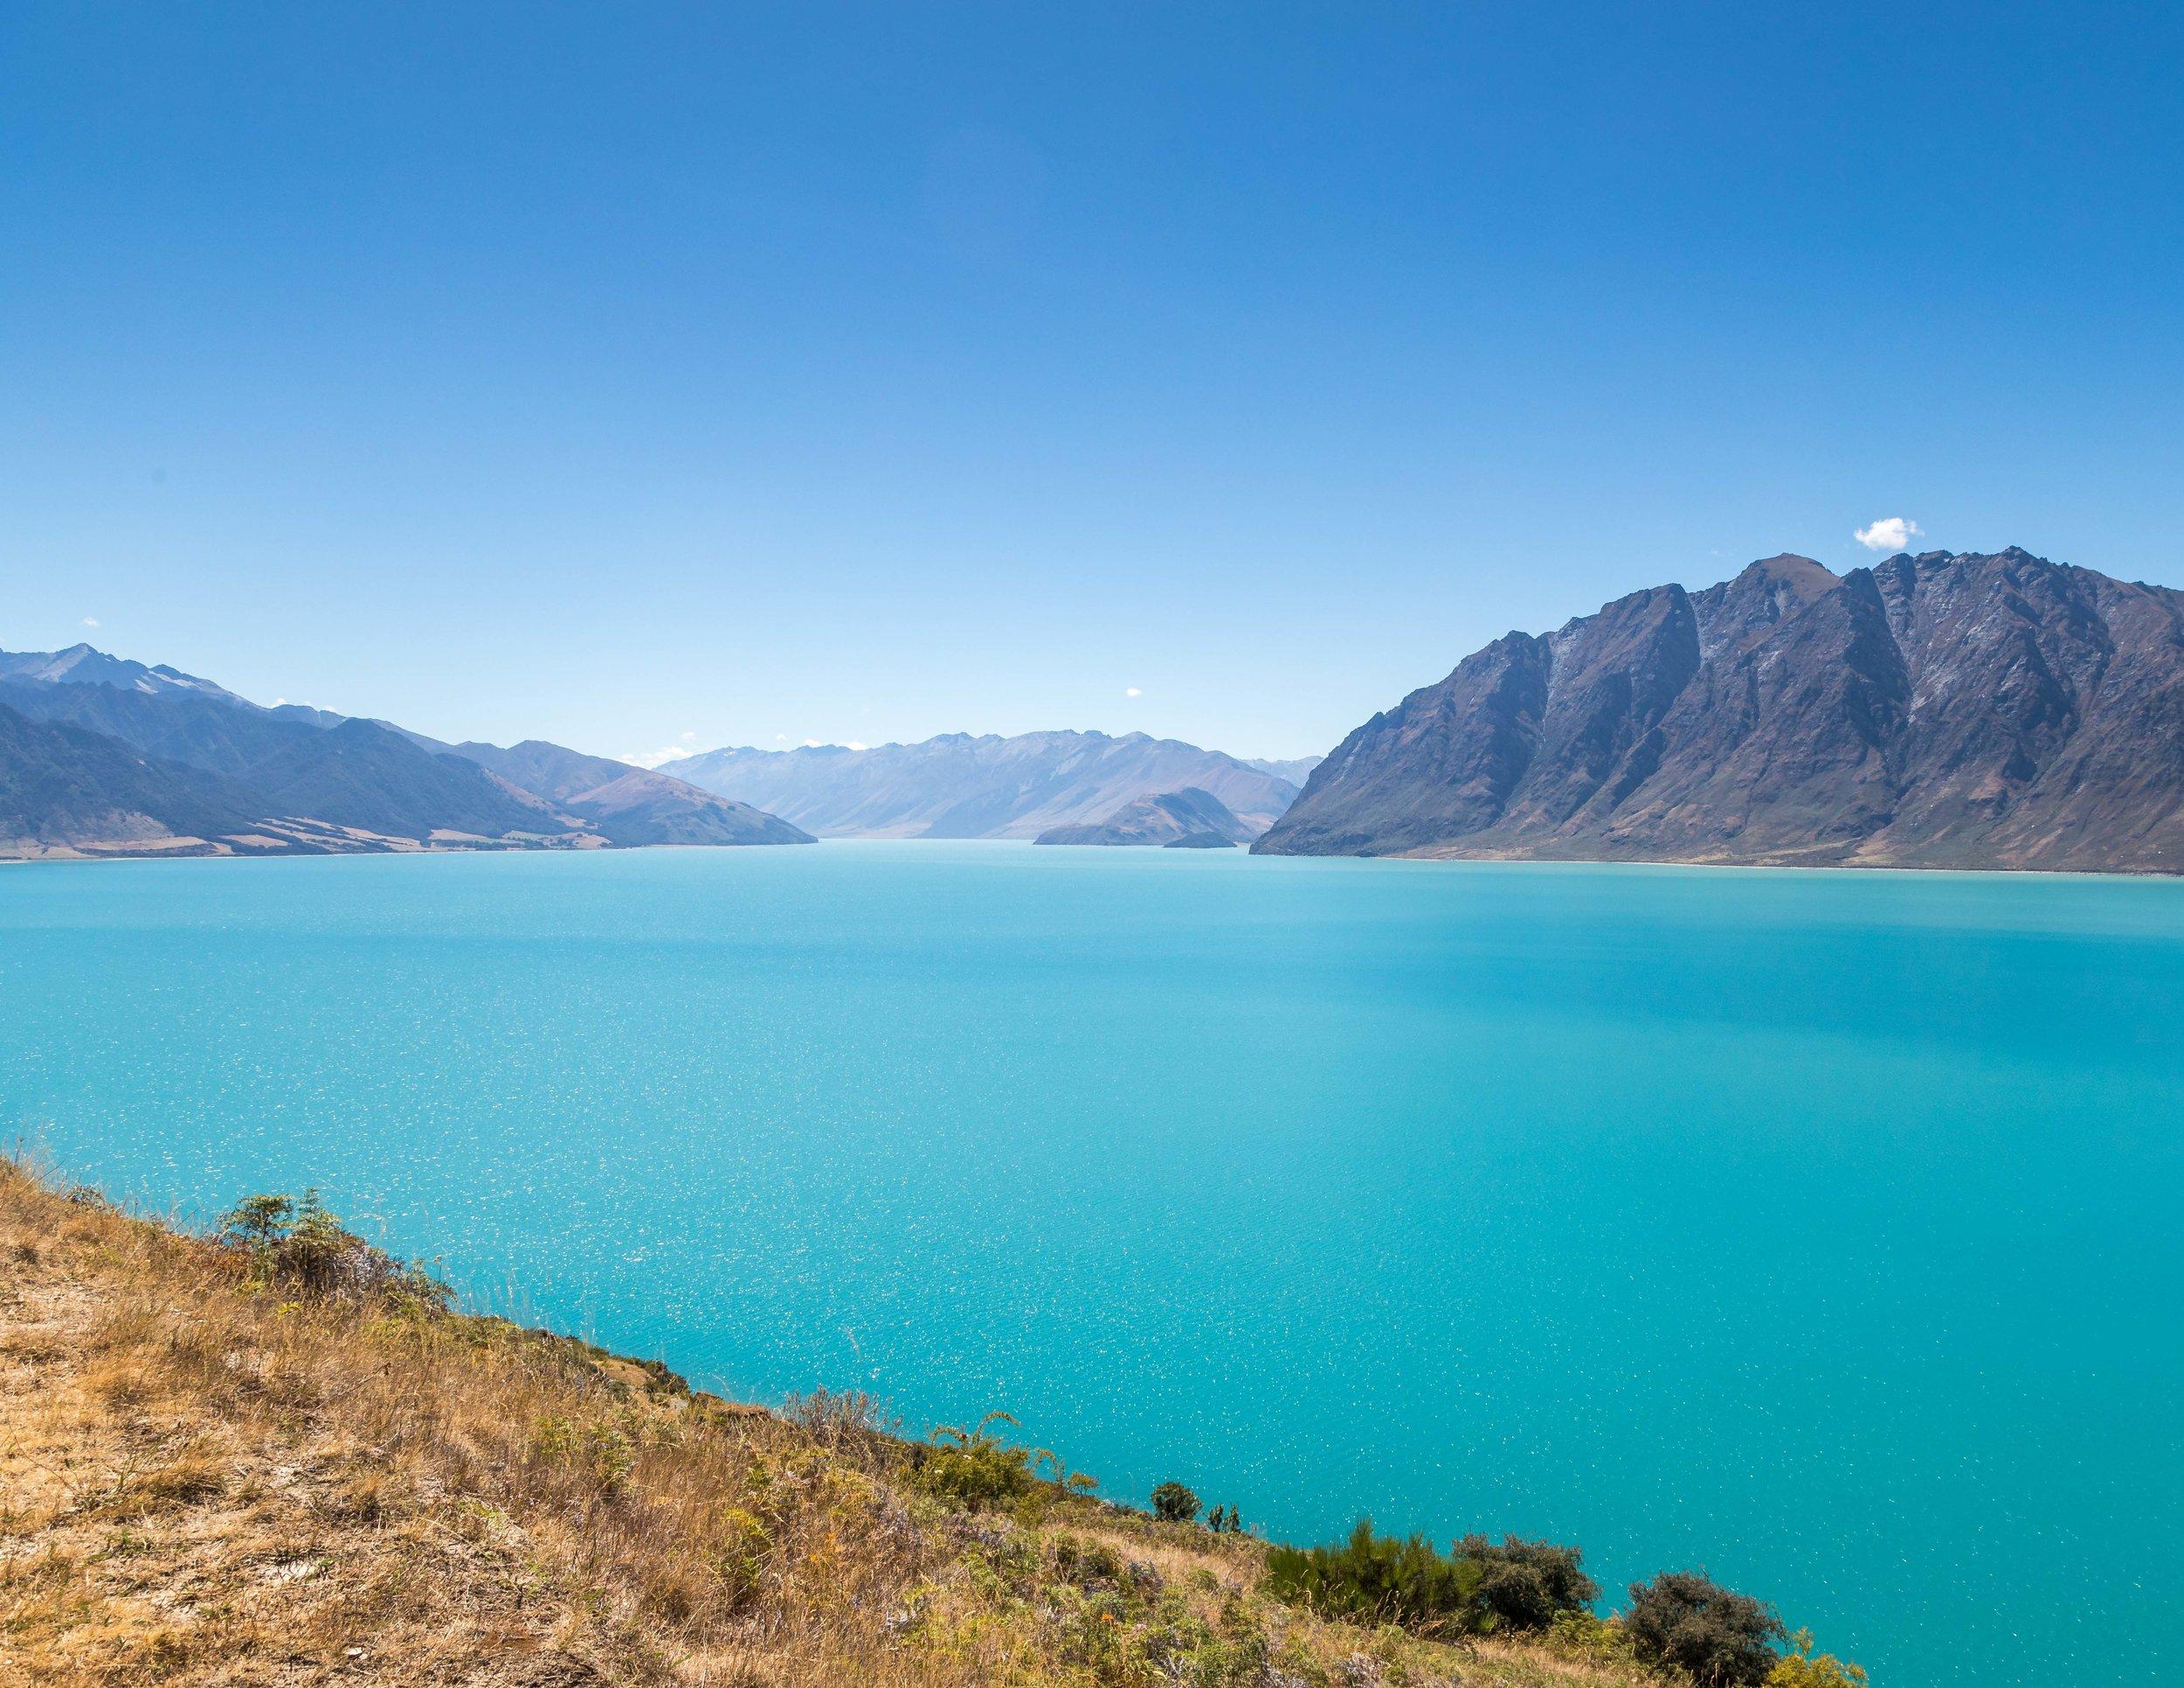 The stunning blues of Lake Hawea